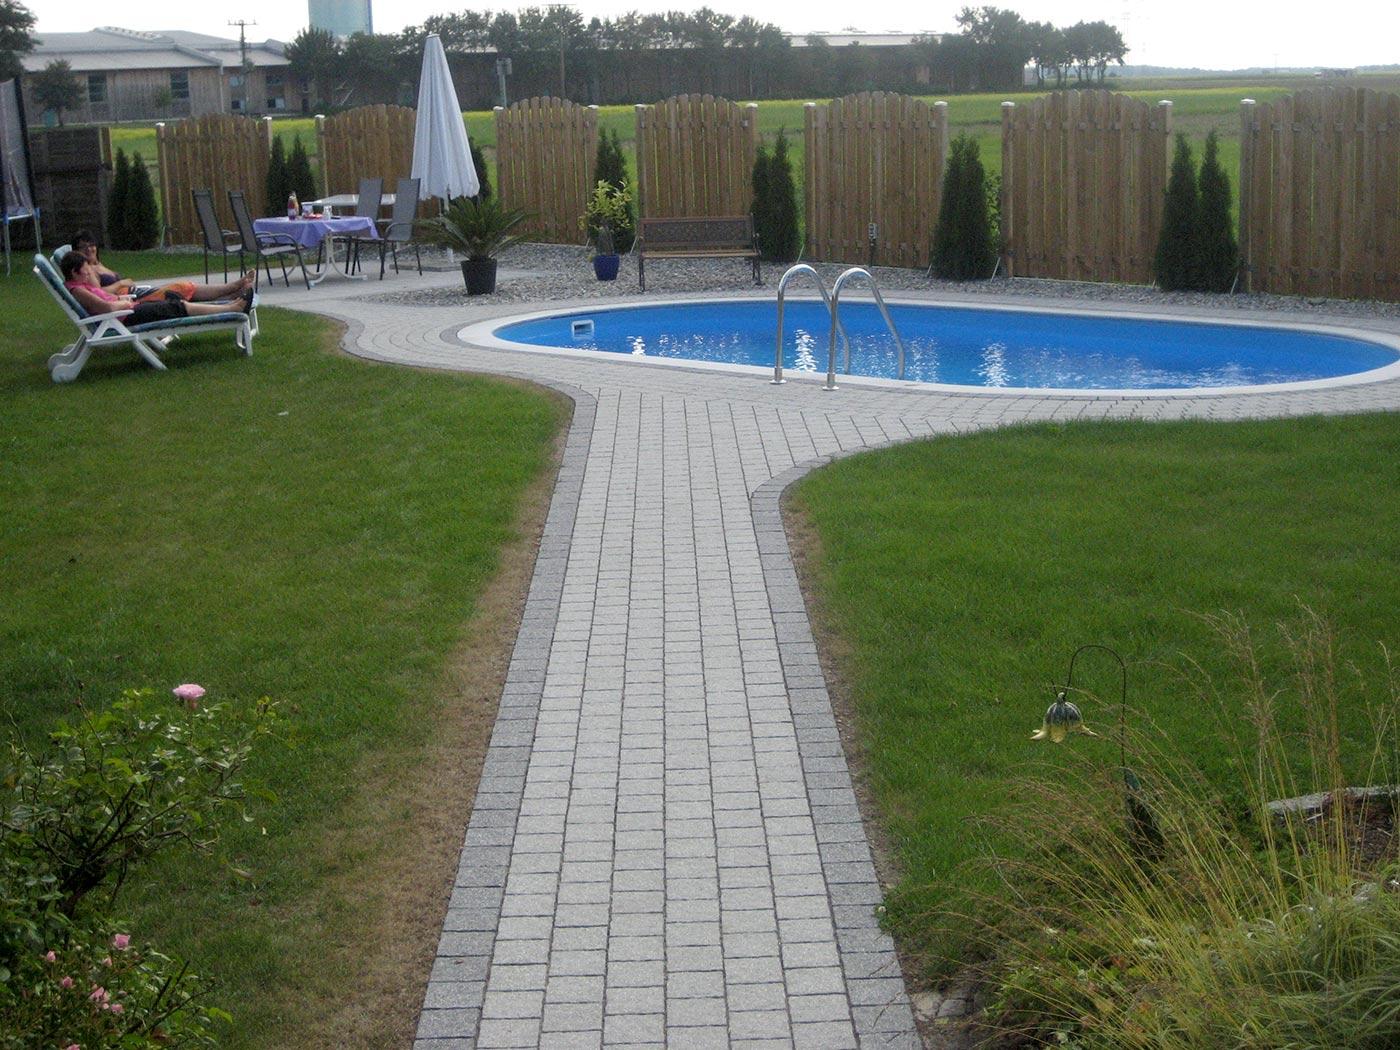 Favorit Stahlwandpool von Stegmann, Ihr Pool-Fachmann aus Ried KH73